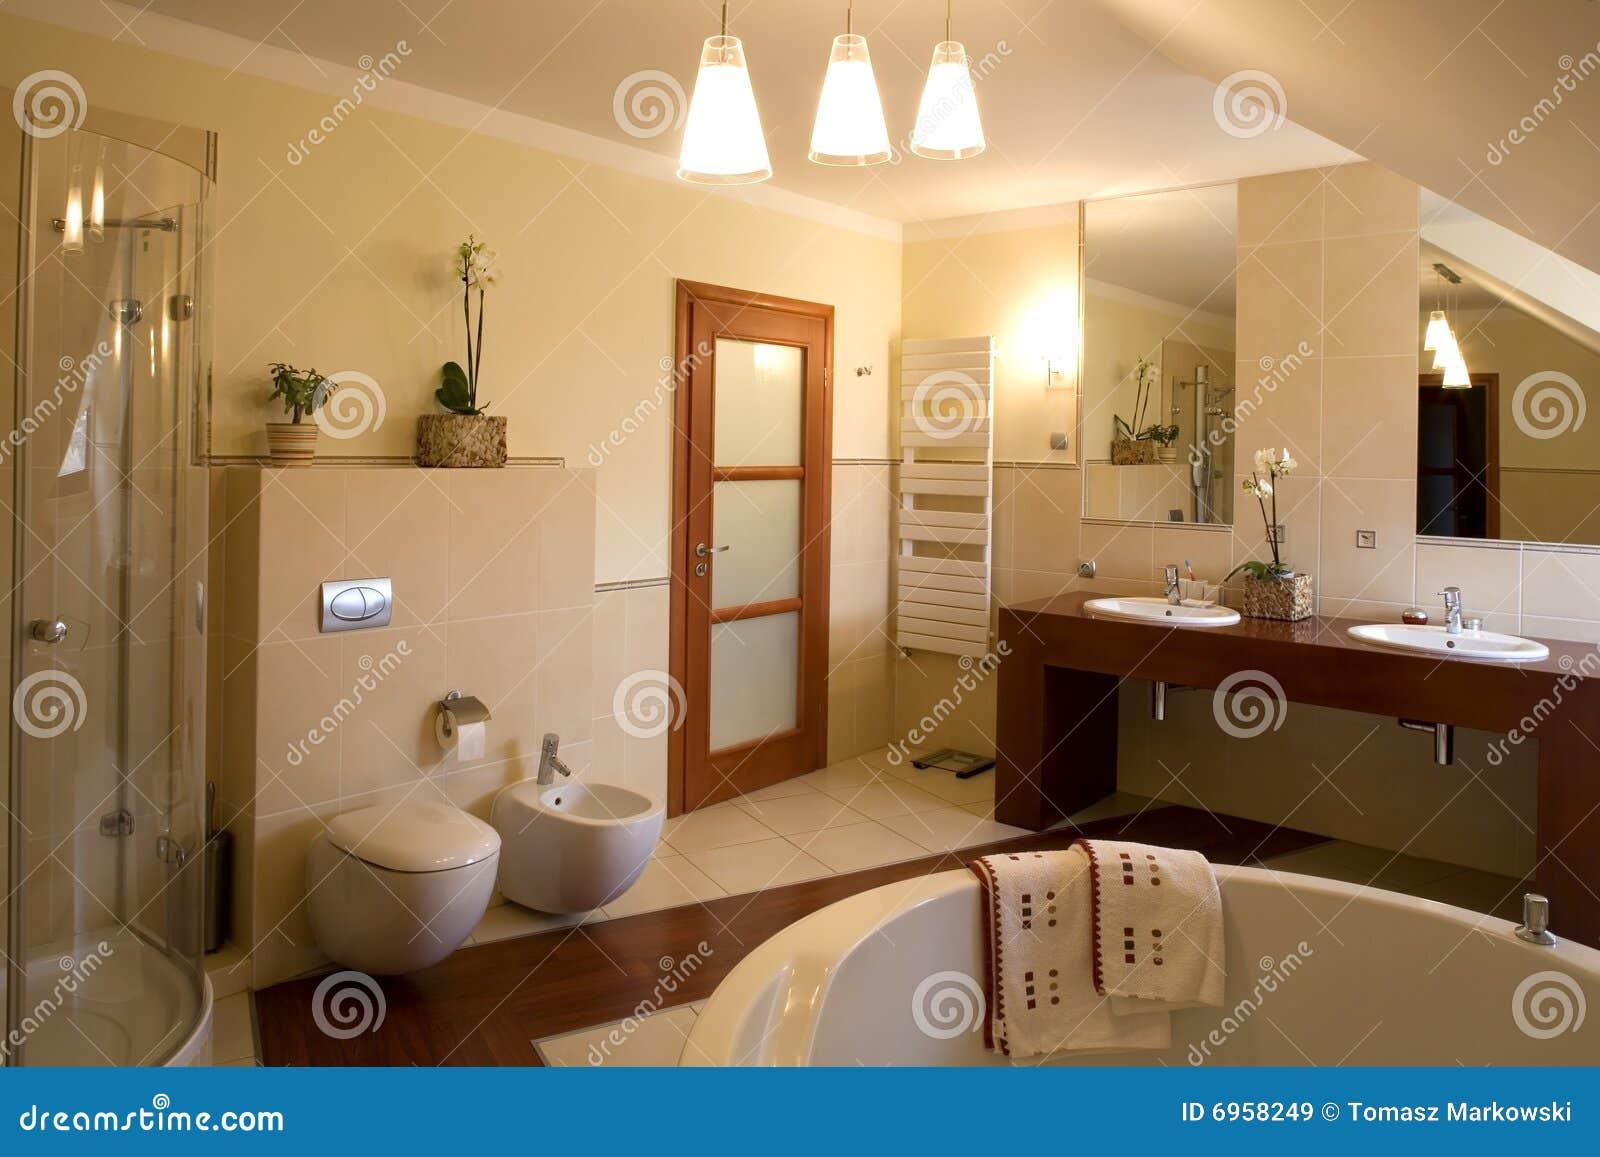 Interior lujoso del cuarto de ba o - Imagenes de cuartos de bano ...